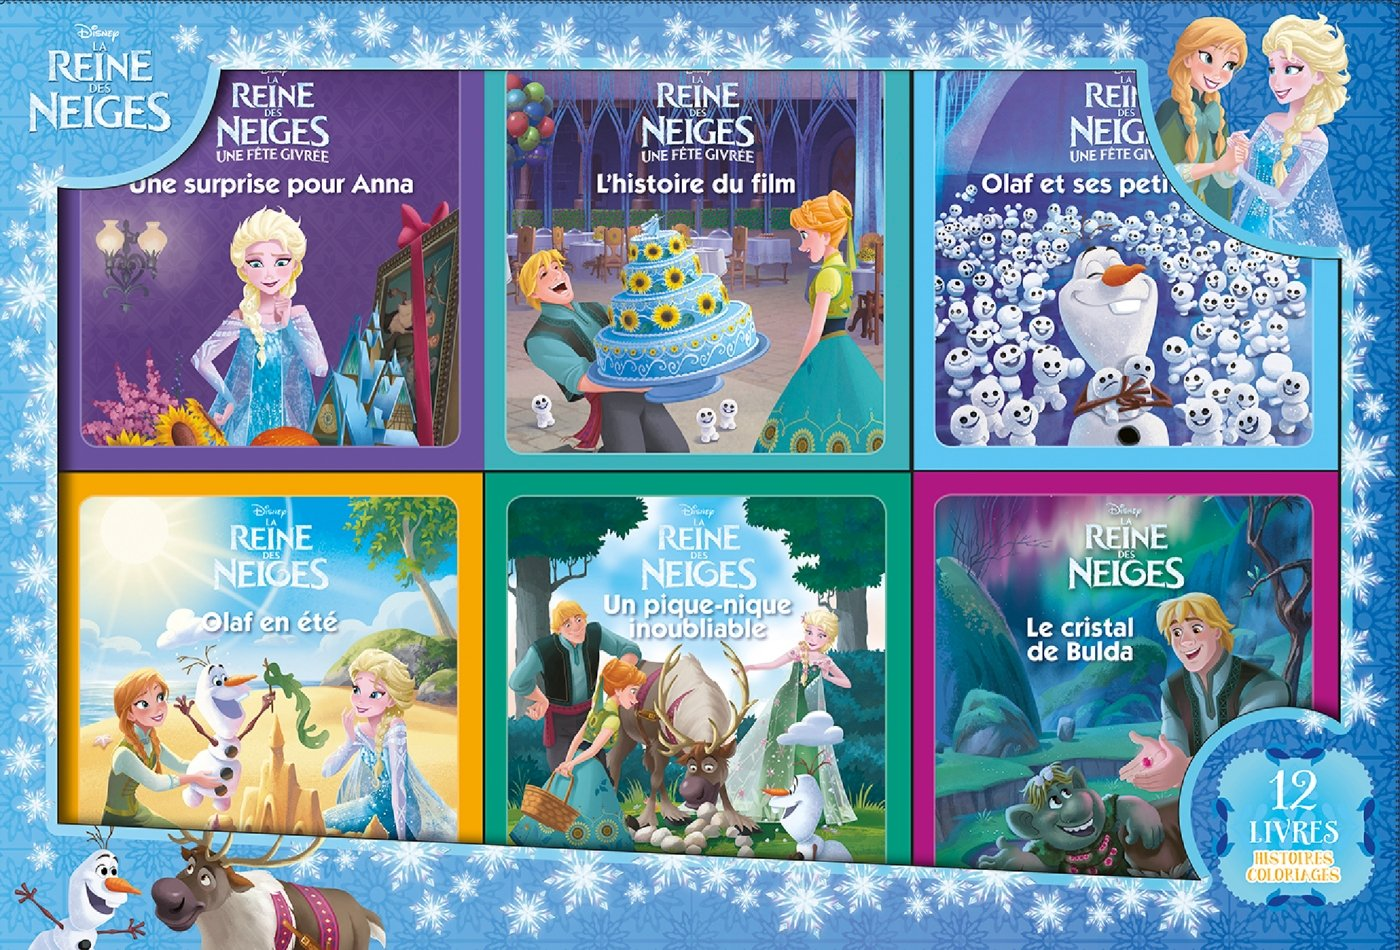 f26de1b5c6 Disney - La Reine des Neiges - Coffret 12 Livres: Amazon.fr: Hachette  Jeunesse, Emmanuelle Caussé: Livres